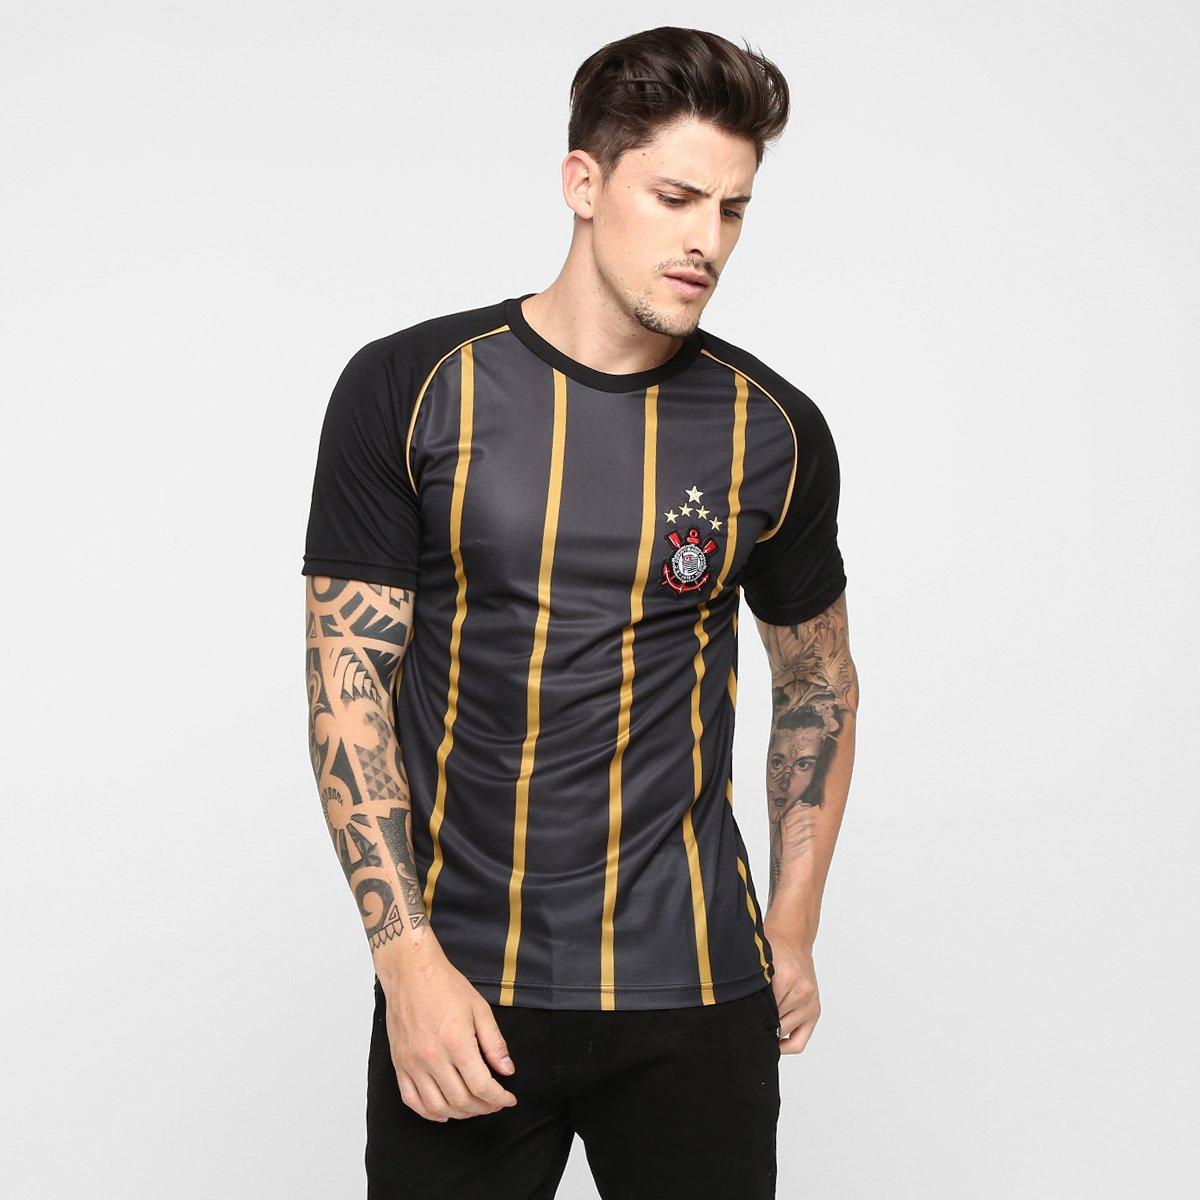 Camisa Corinthians Réplica 2006 - Compre Agora  45b5a495c2294